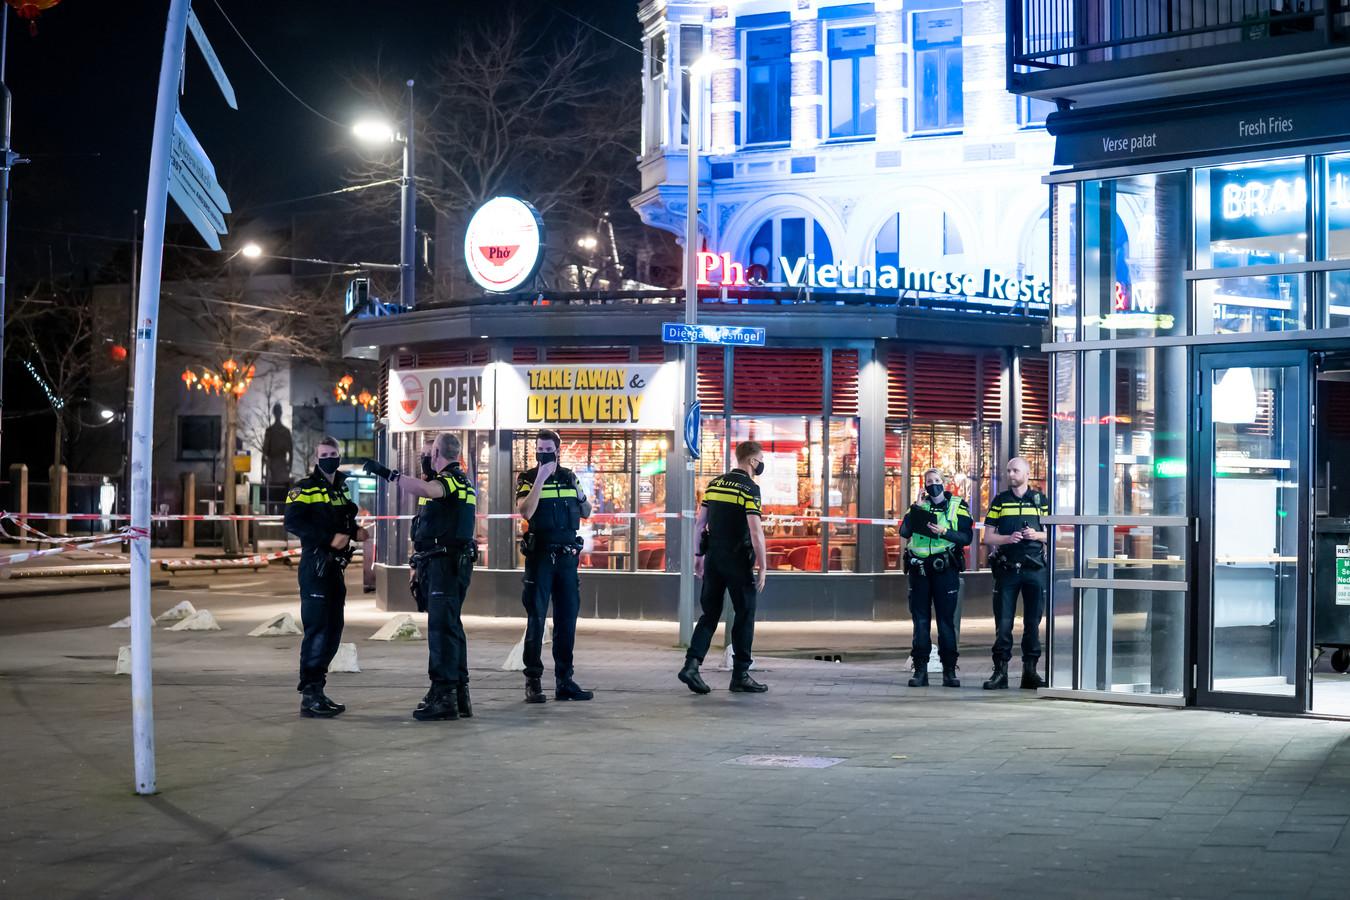 Op de hoek van de West-Kruiskade en het Kruisplein in het centrum van Rotterdam is een tiener dinsdagavond neergestoken.